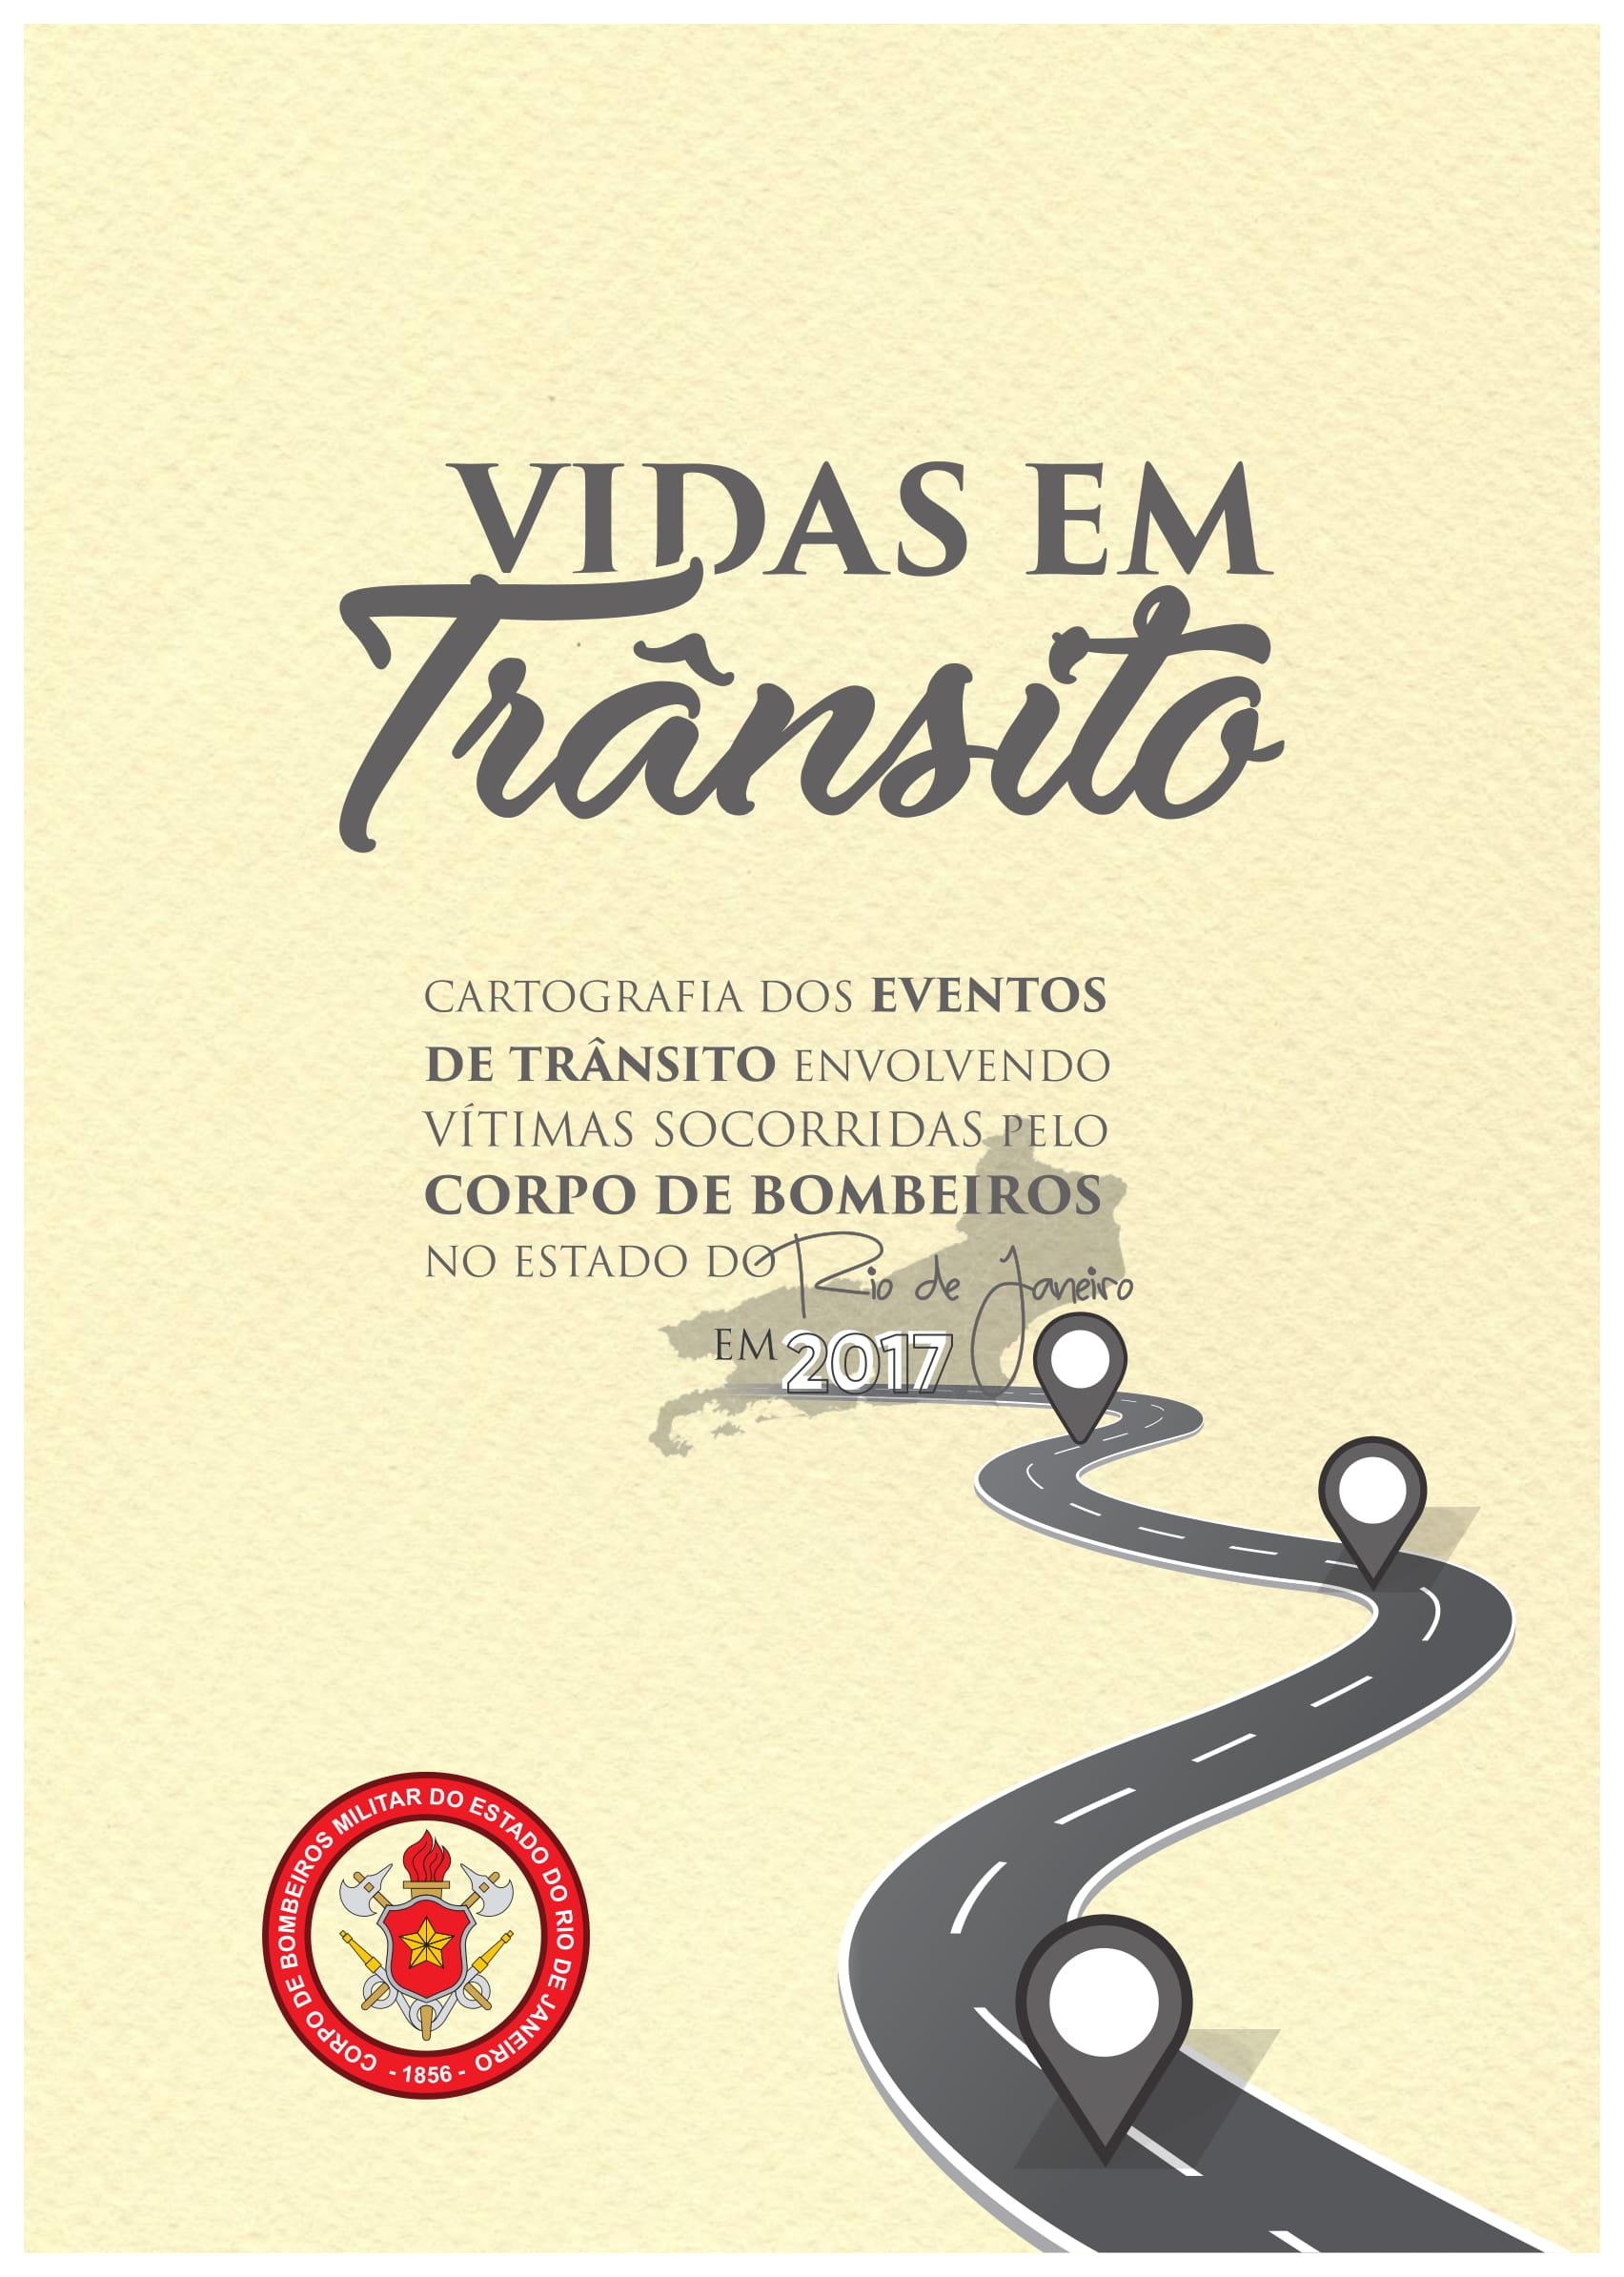 VIDAS_EM_TRANSITO_2017_2018-02